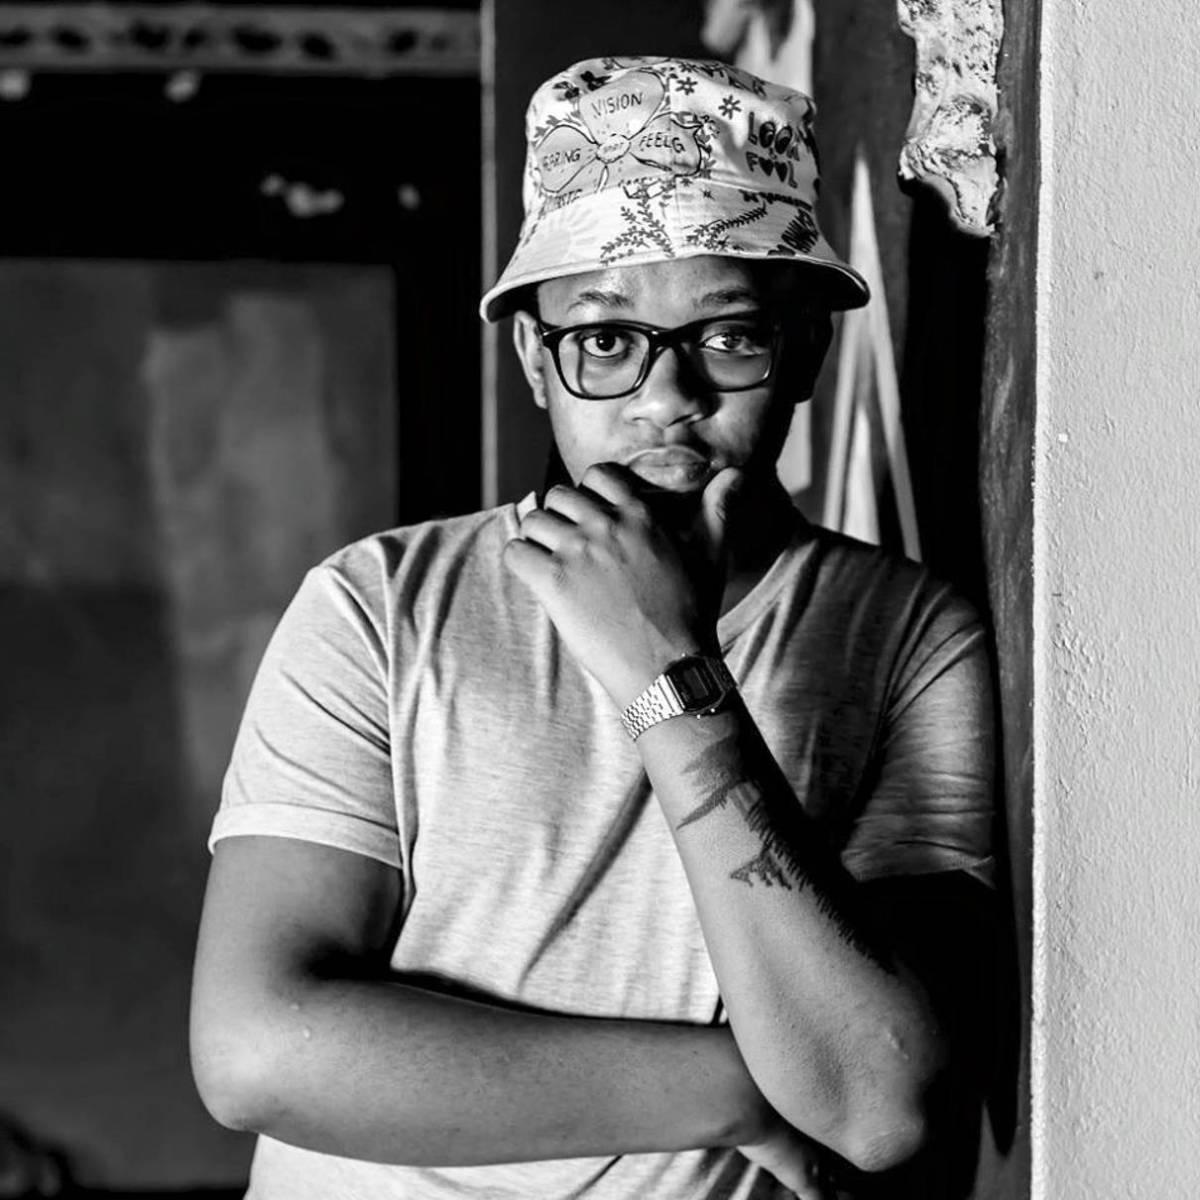 Gaba Cannal feat. Dladla Mshunqisi - AmaGama (Main Mix)